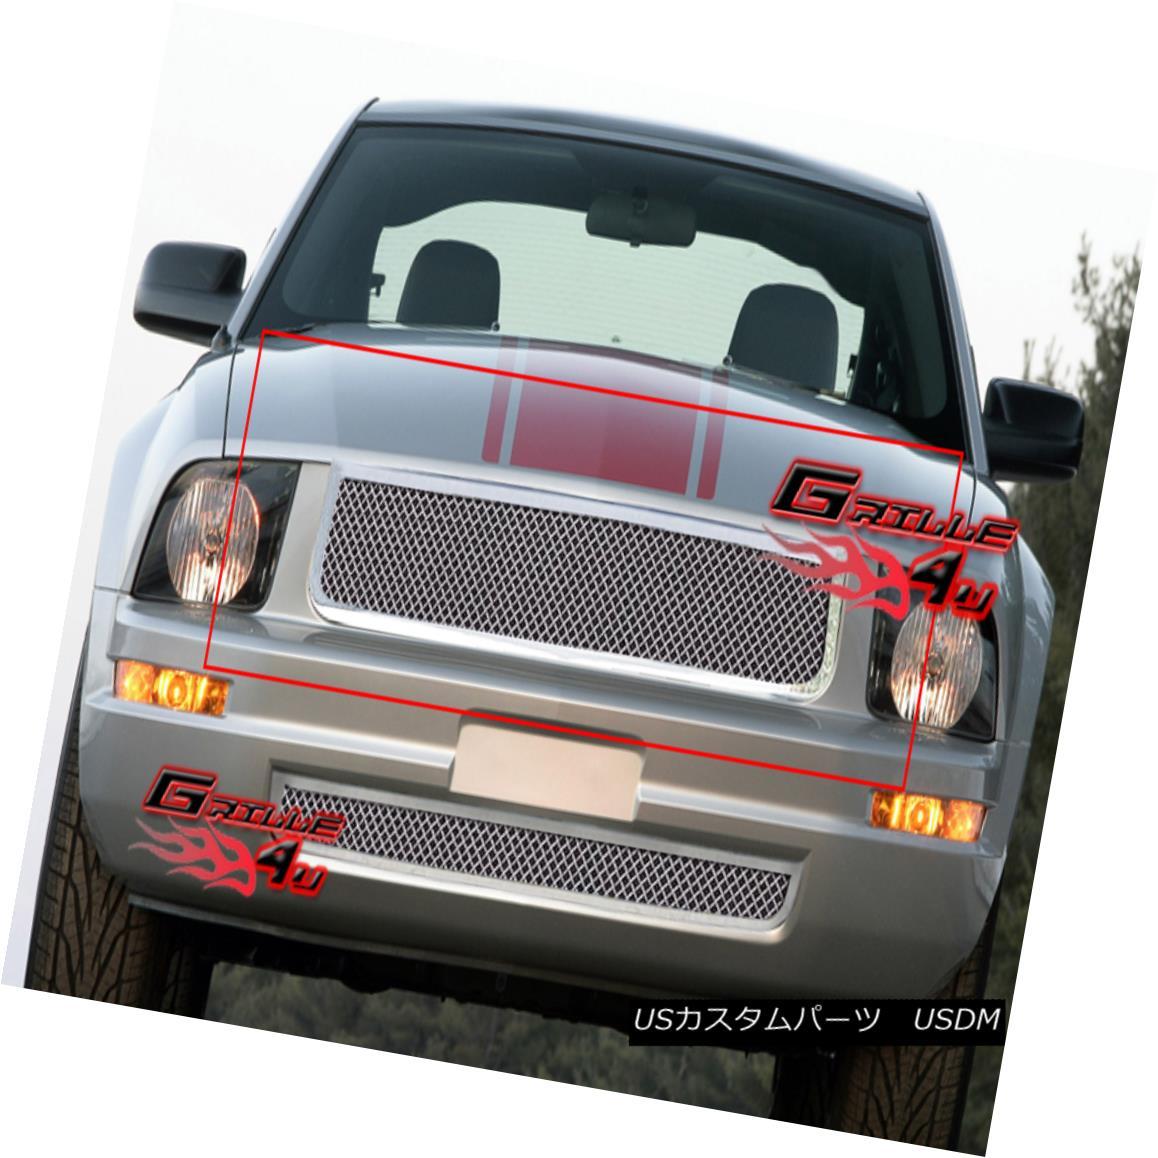 グリル Fits 2005-2009 Ford Mustang V6 Stainless Steel Mesh Grille フィット2005-2009フォードマスタングV6ステンレスメッシュグリル